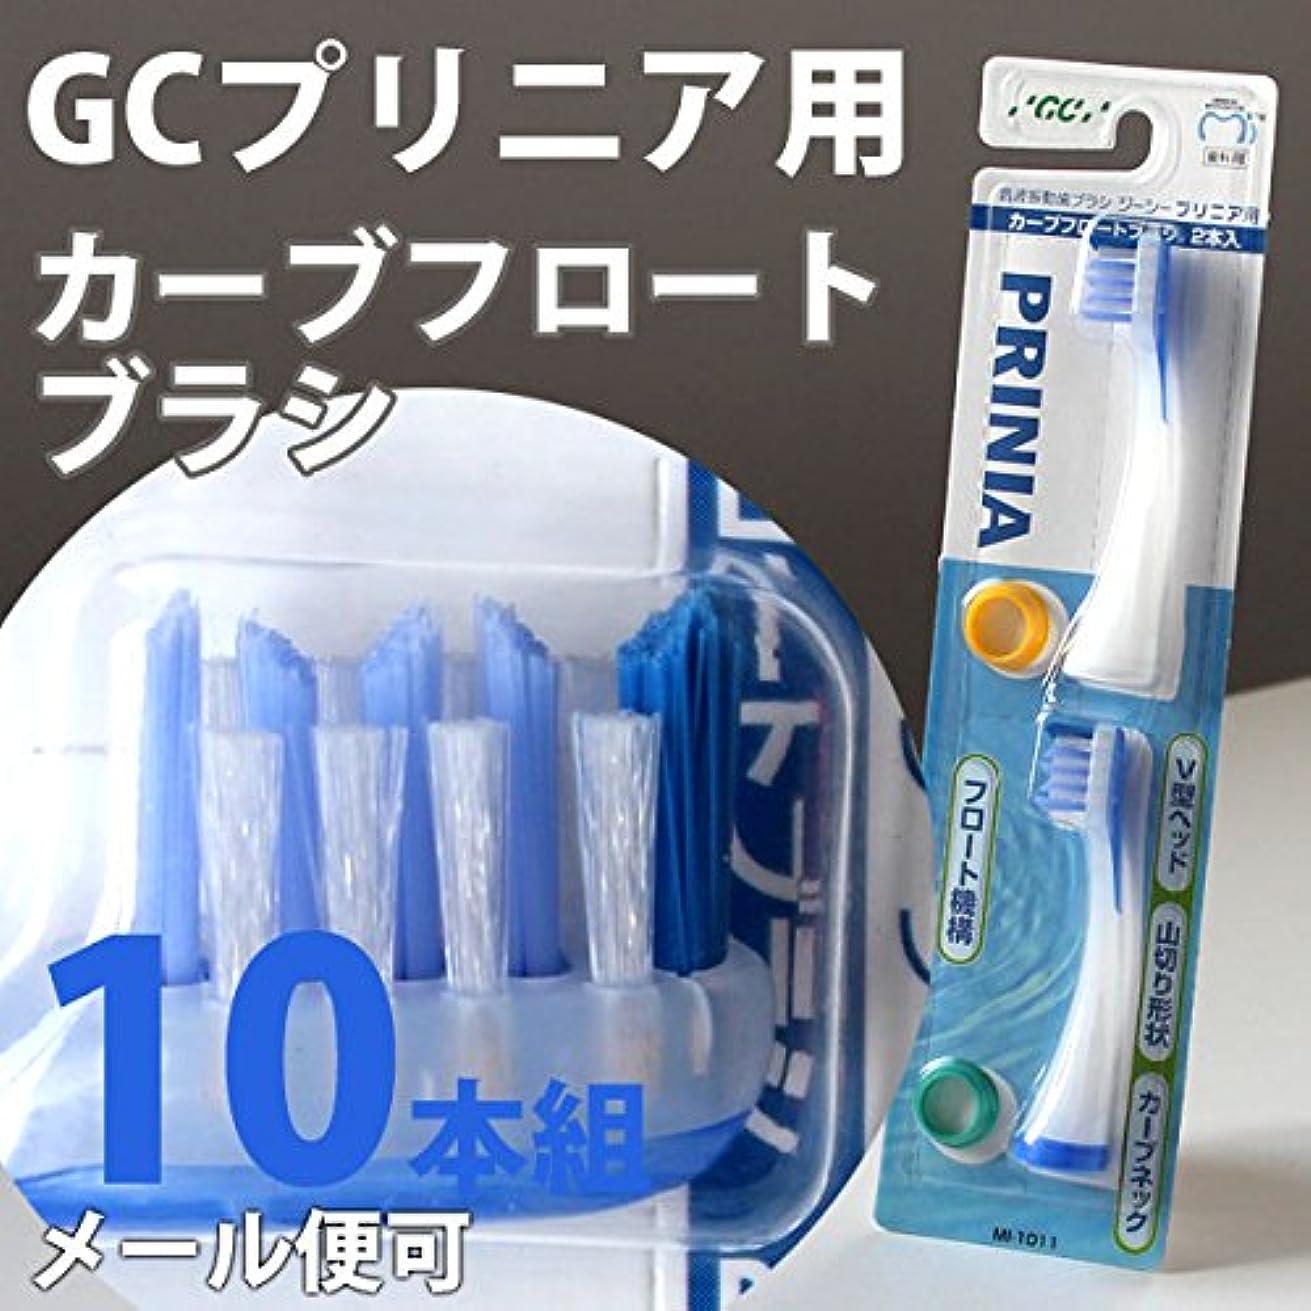 意味のある戻す失望プリニア GC 音波振動 歯ブラシ プリニアスリム替えブラシ カーブフロートブラシ 5セット (10本) ブルー